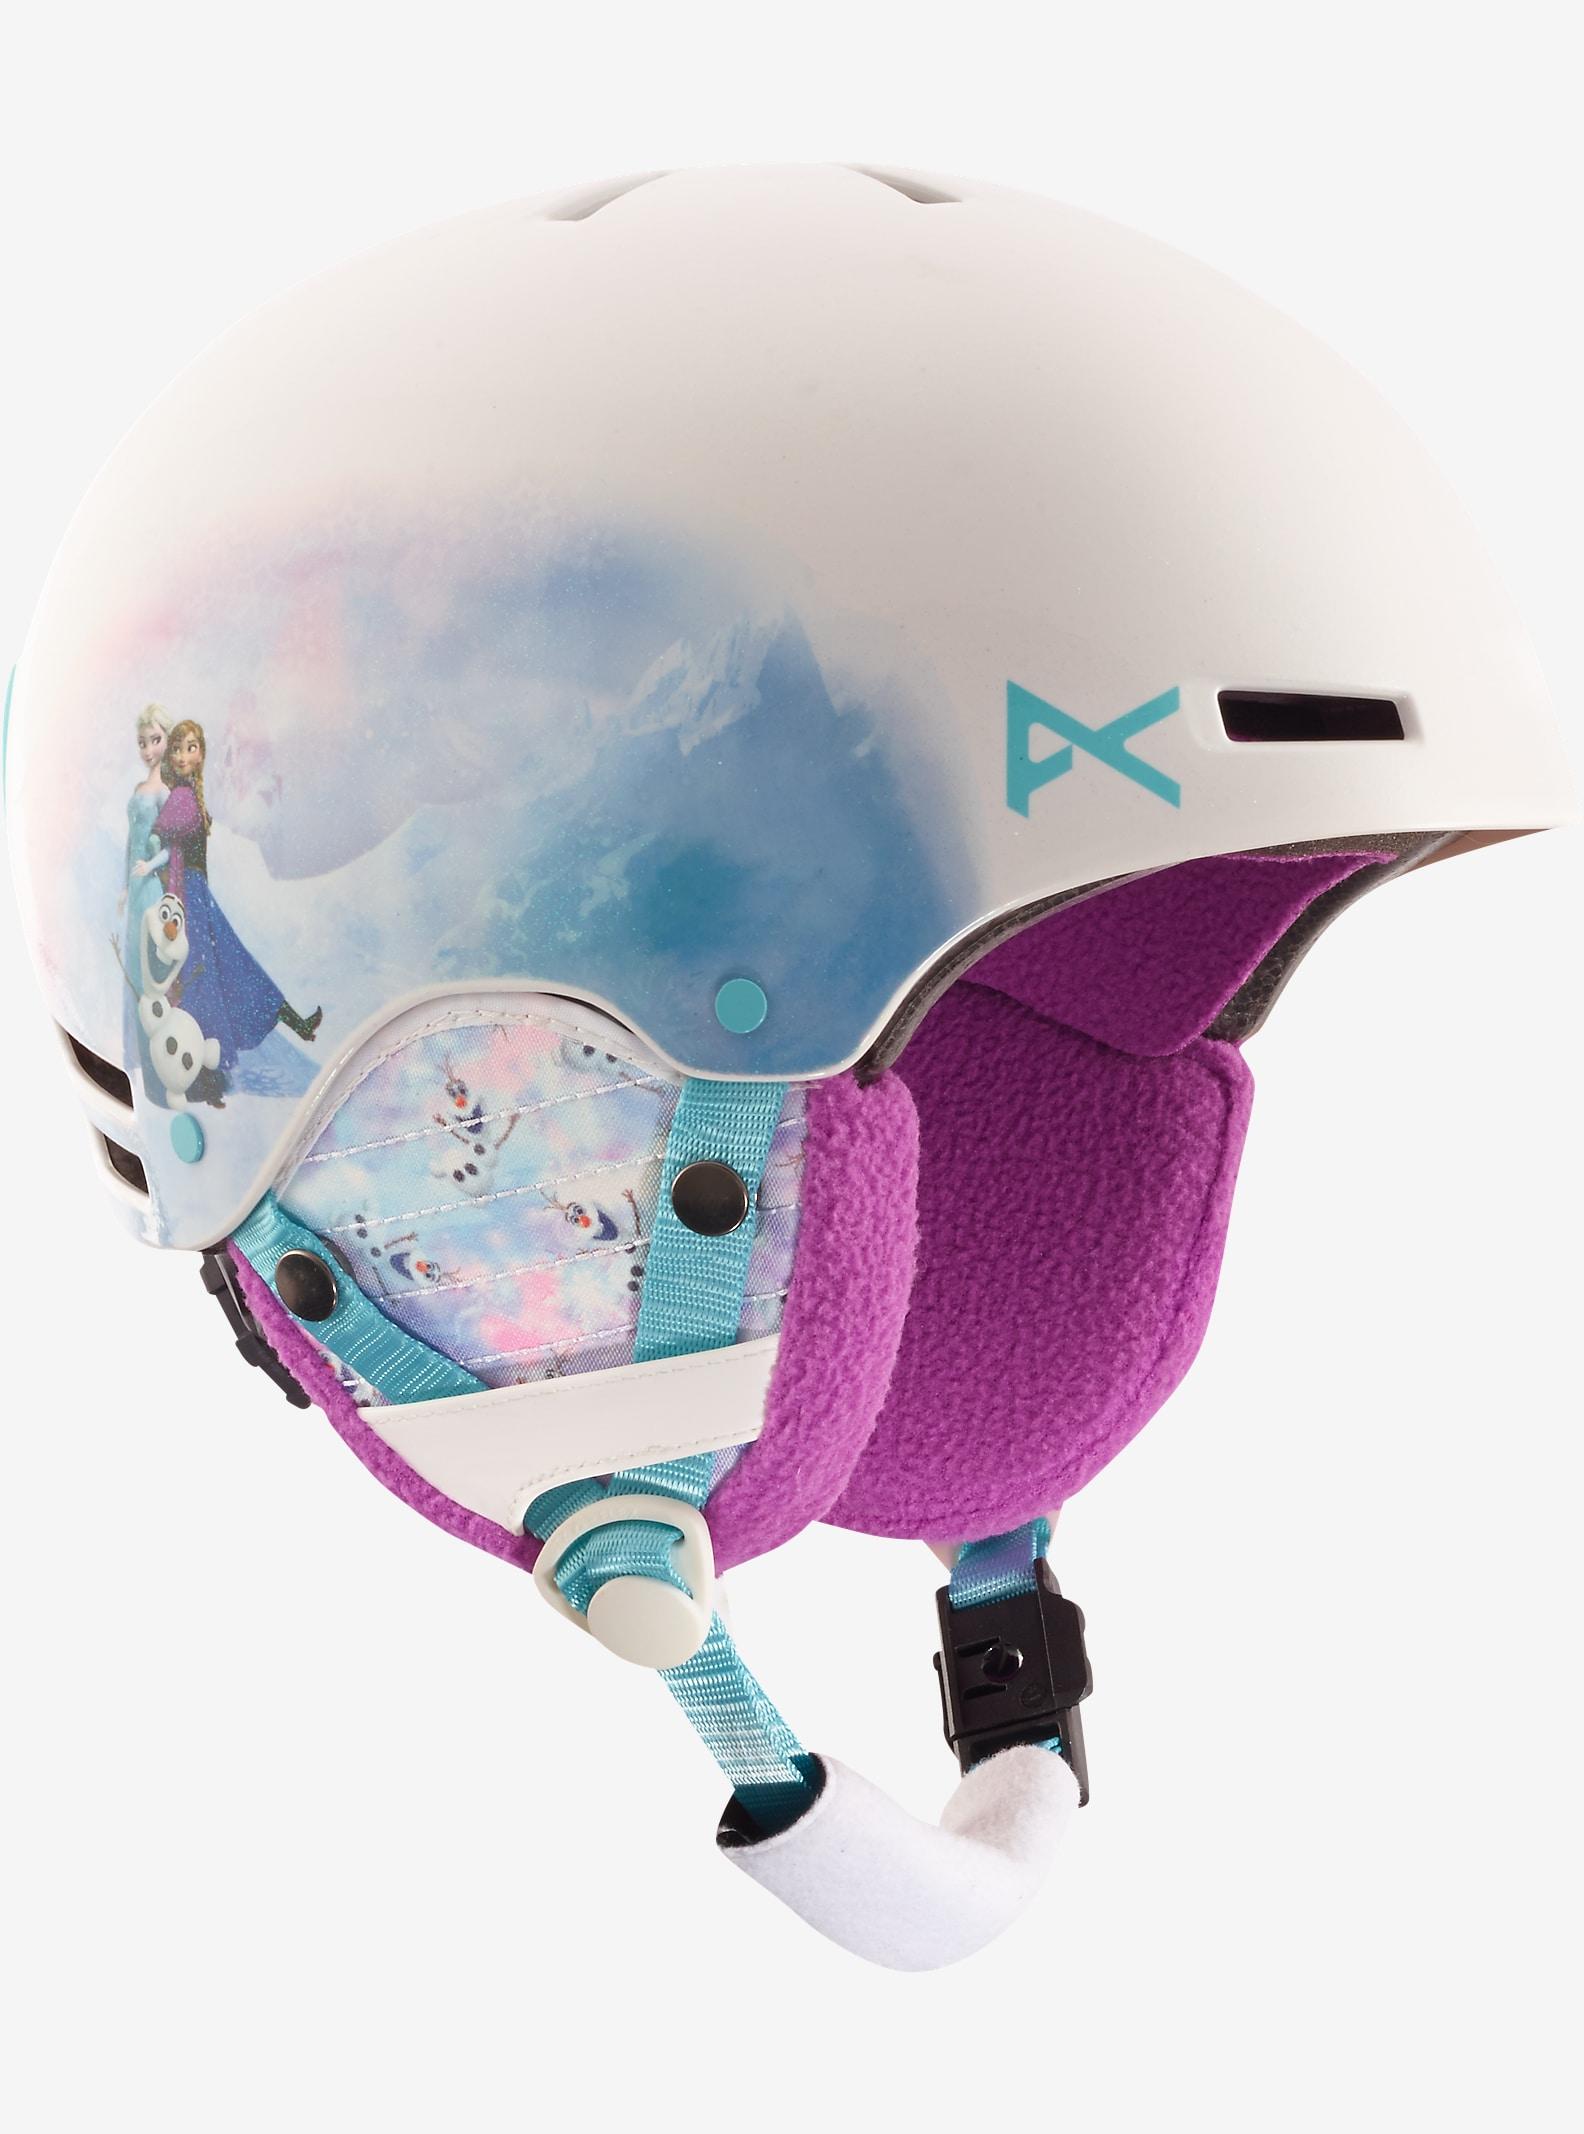 Disney Frozen Rime Helmet by anon. shown in Frozen © Disney